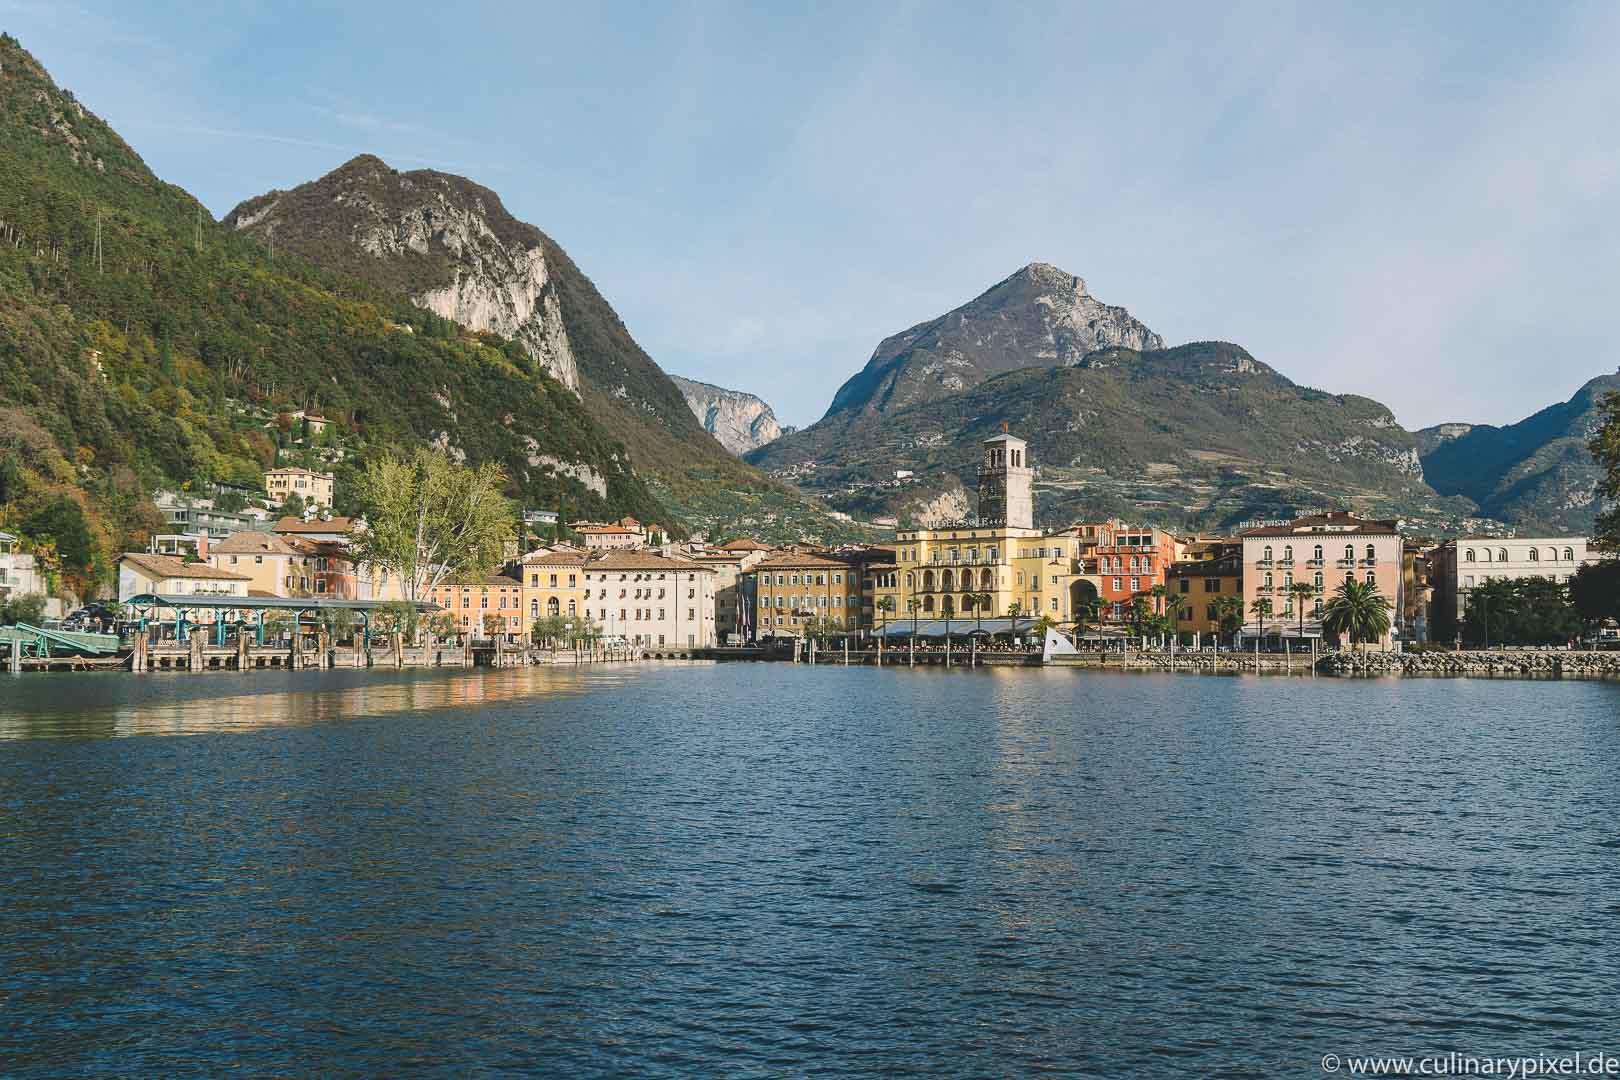 Riva del Garda am Gardasee im Herbst